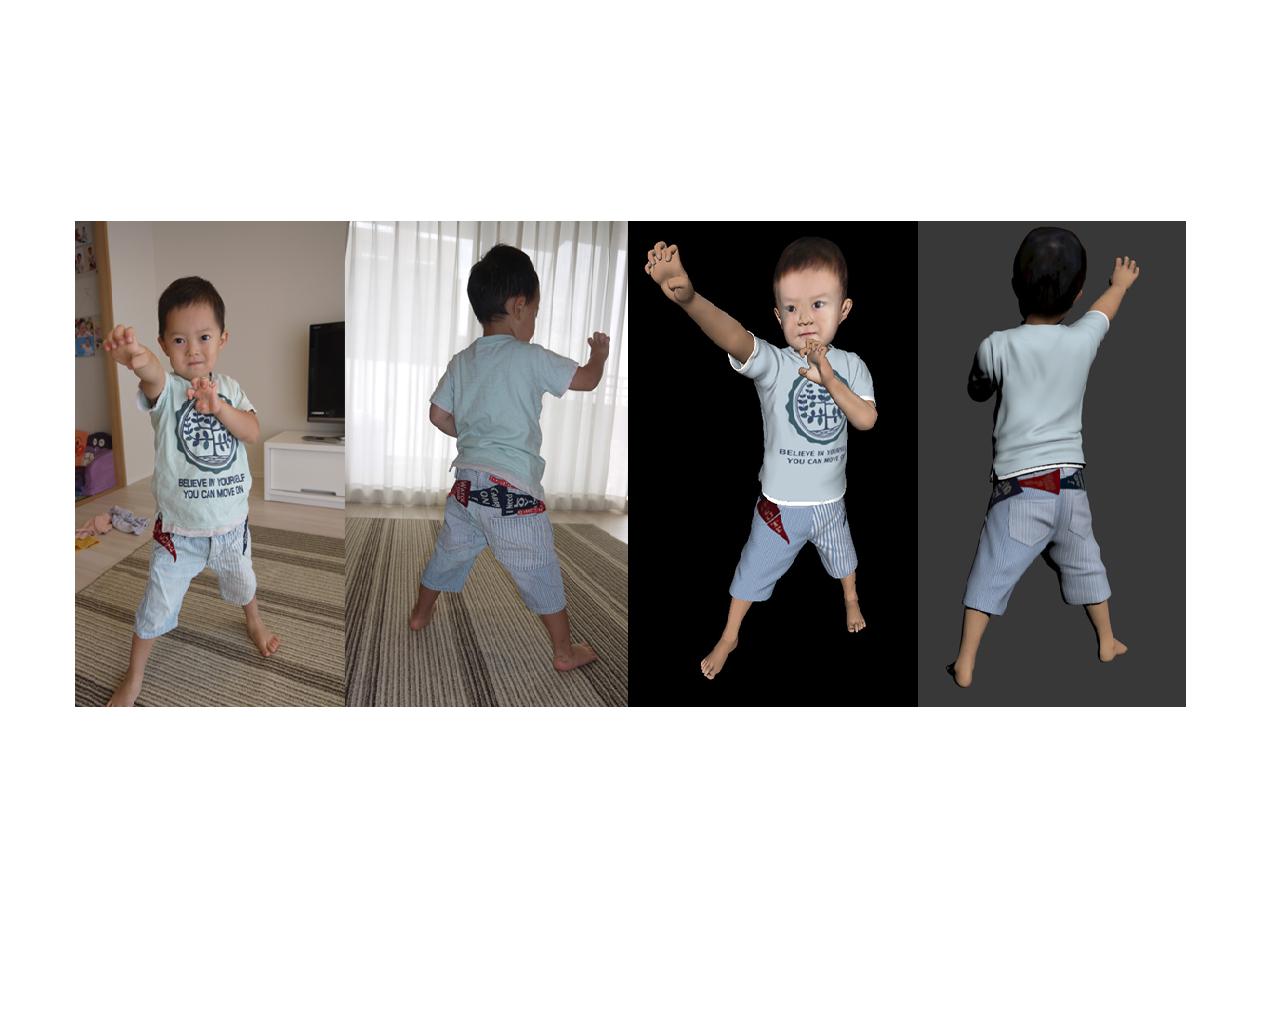 3D Remind、写真からペットや子供の3Dフィギュアを作成するサービス「フィグチュア3D」を提供開始1